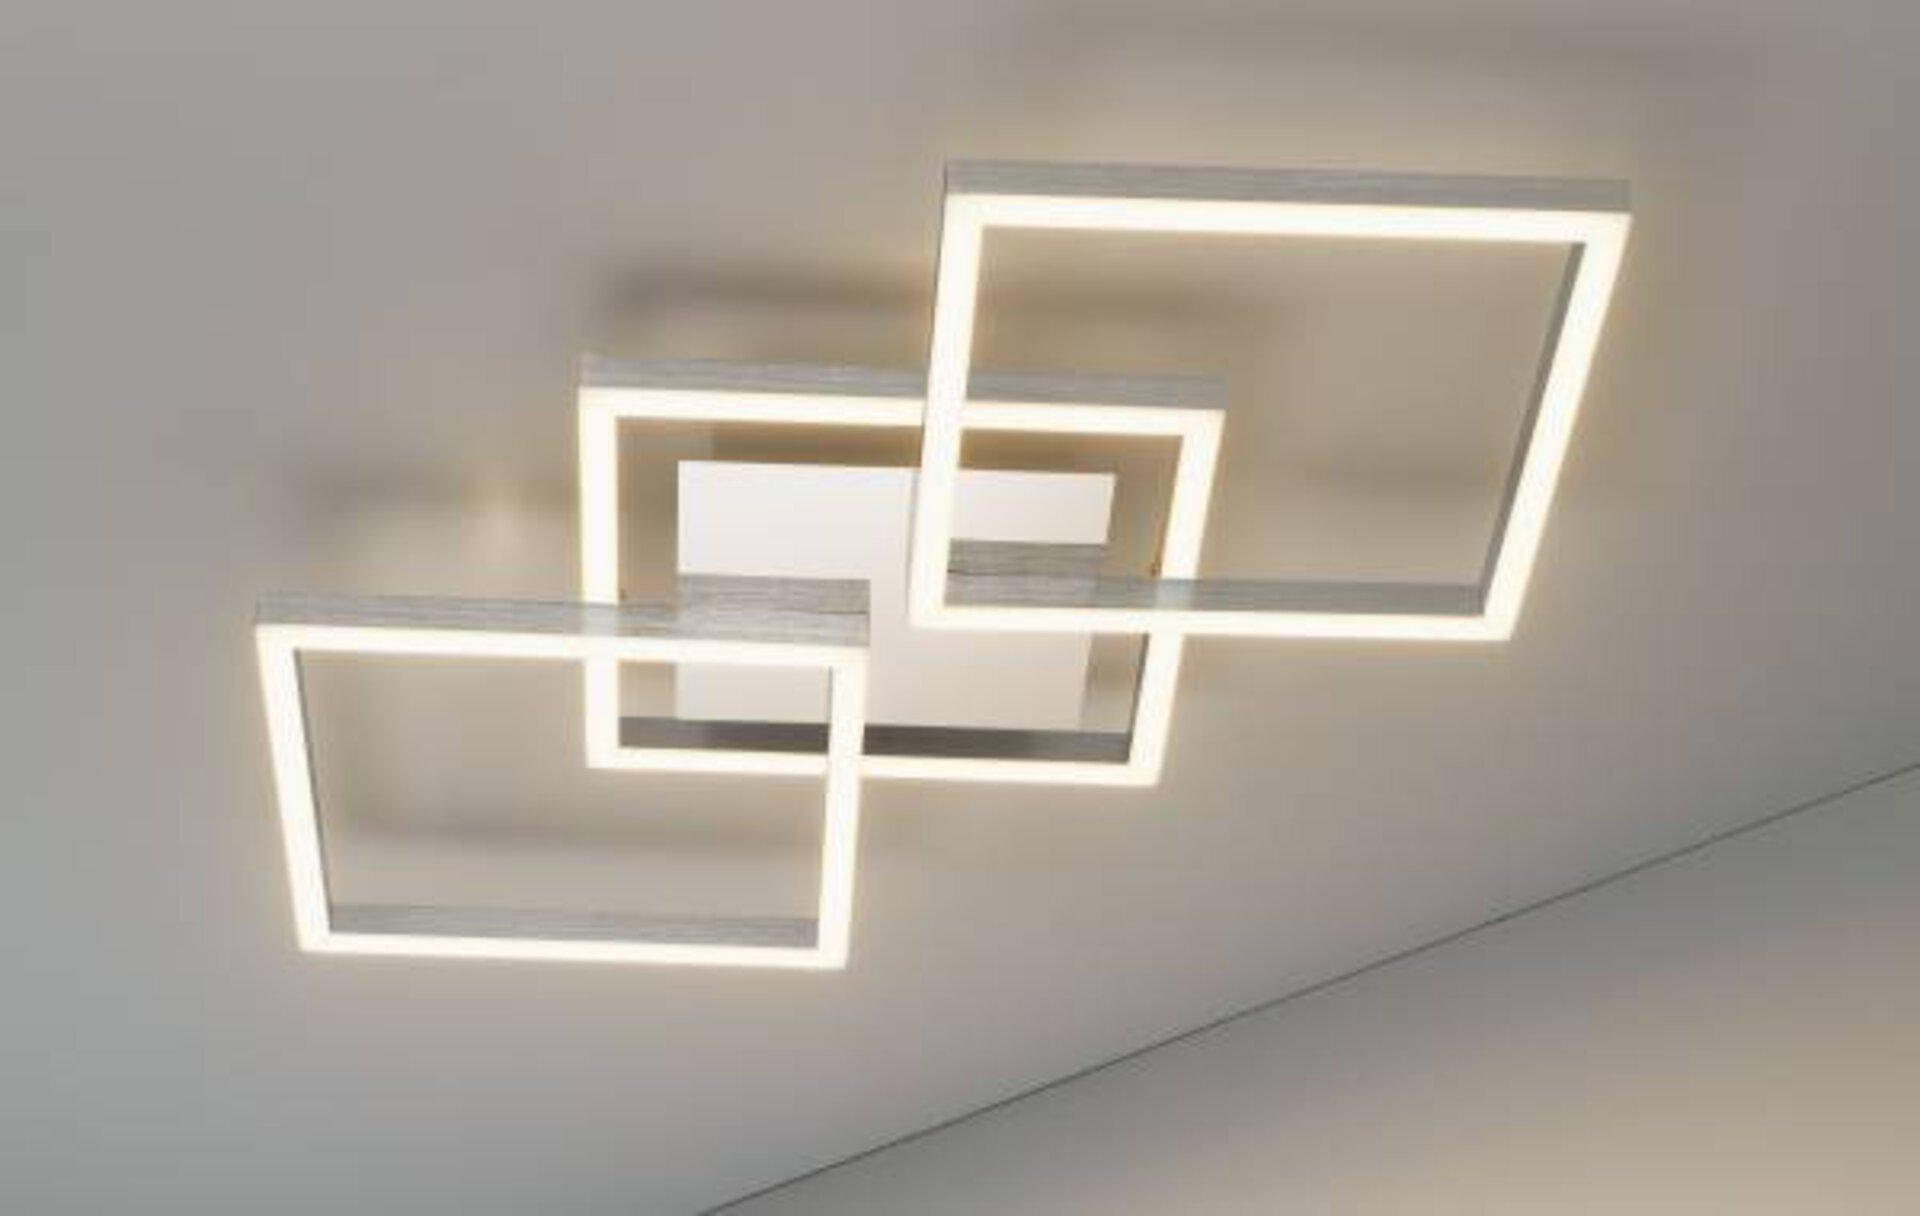 Deckenleuchte Jalu Casa Nova Metall silber 36 x 6 x 75 cm